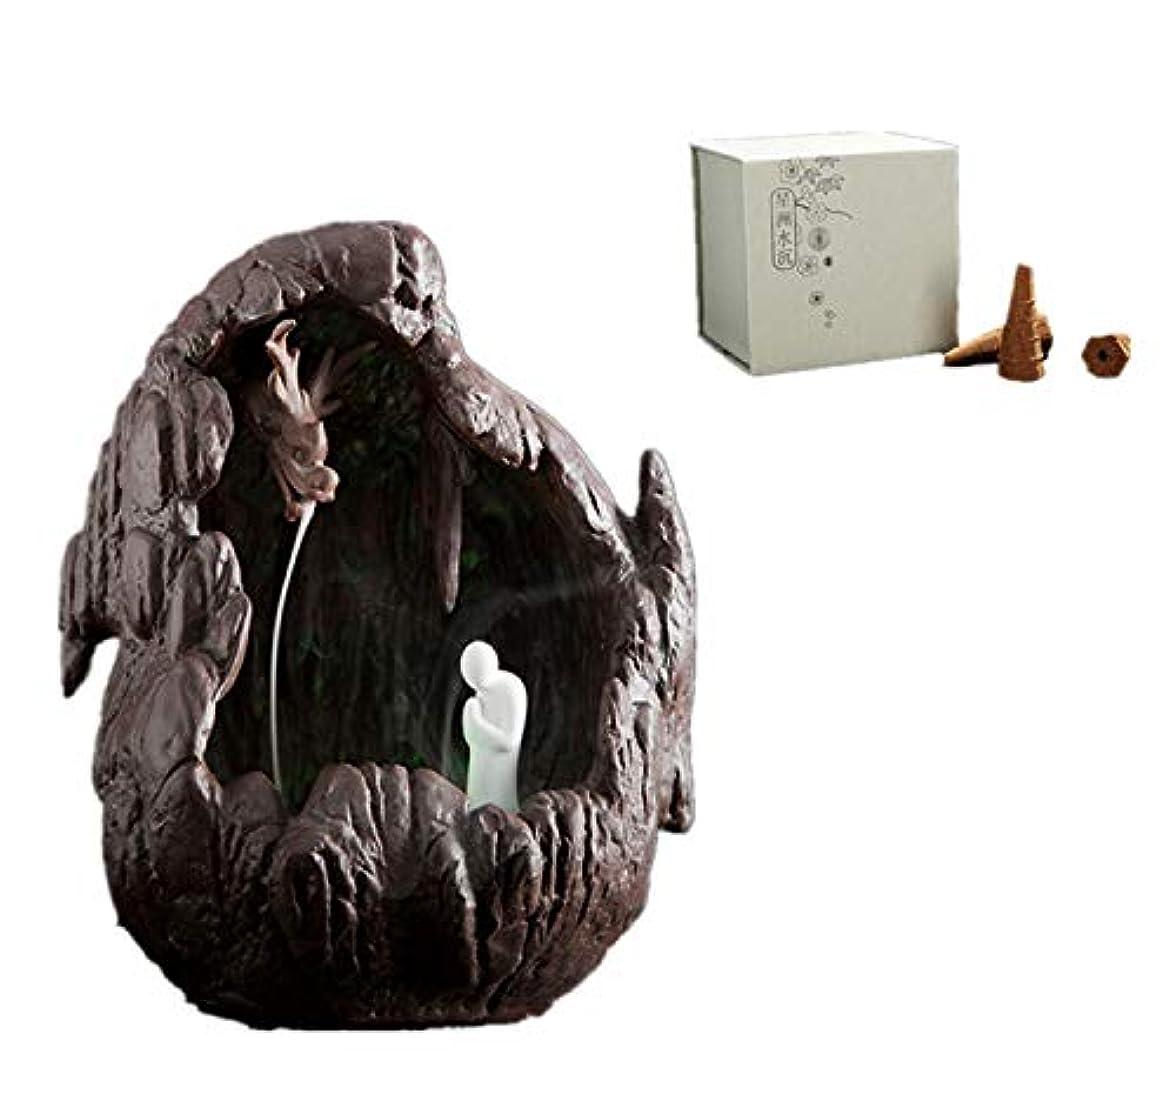 屋内で絶滅した命令的XPPXPP Reflux Incense Burner, Ceramic Incense Burner, With 40pcs Reflux Cone, Suitable For Home Decoration